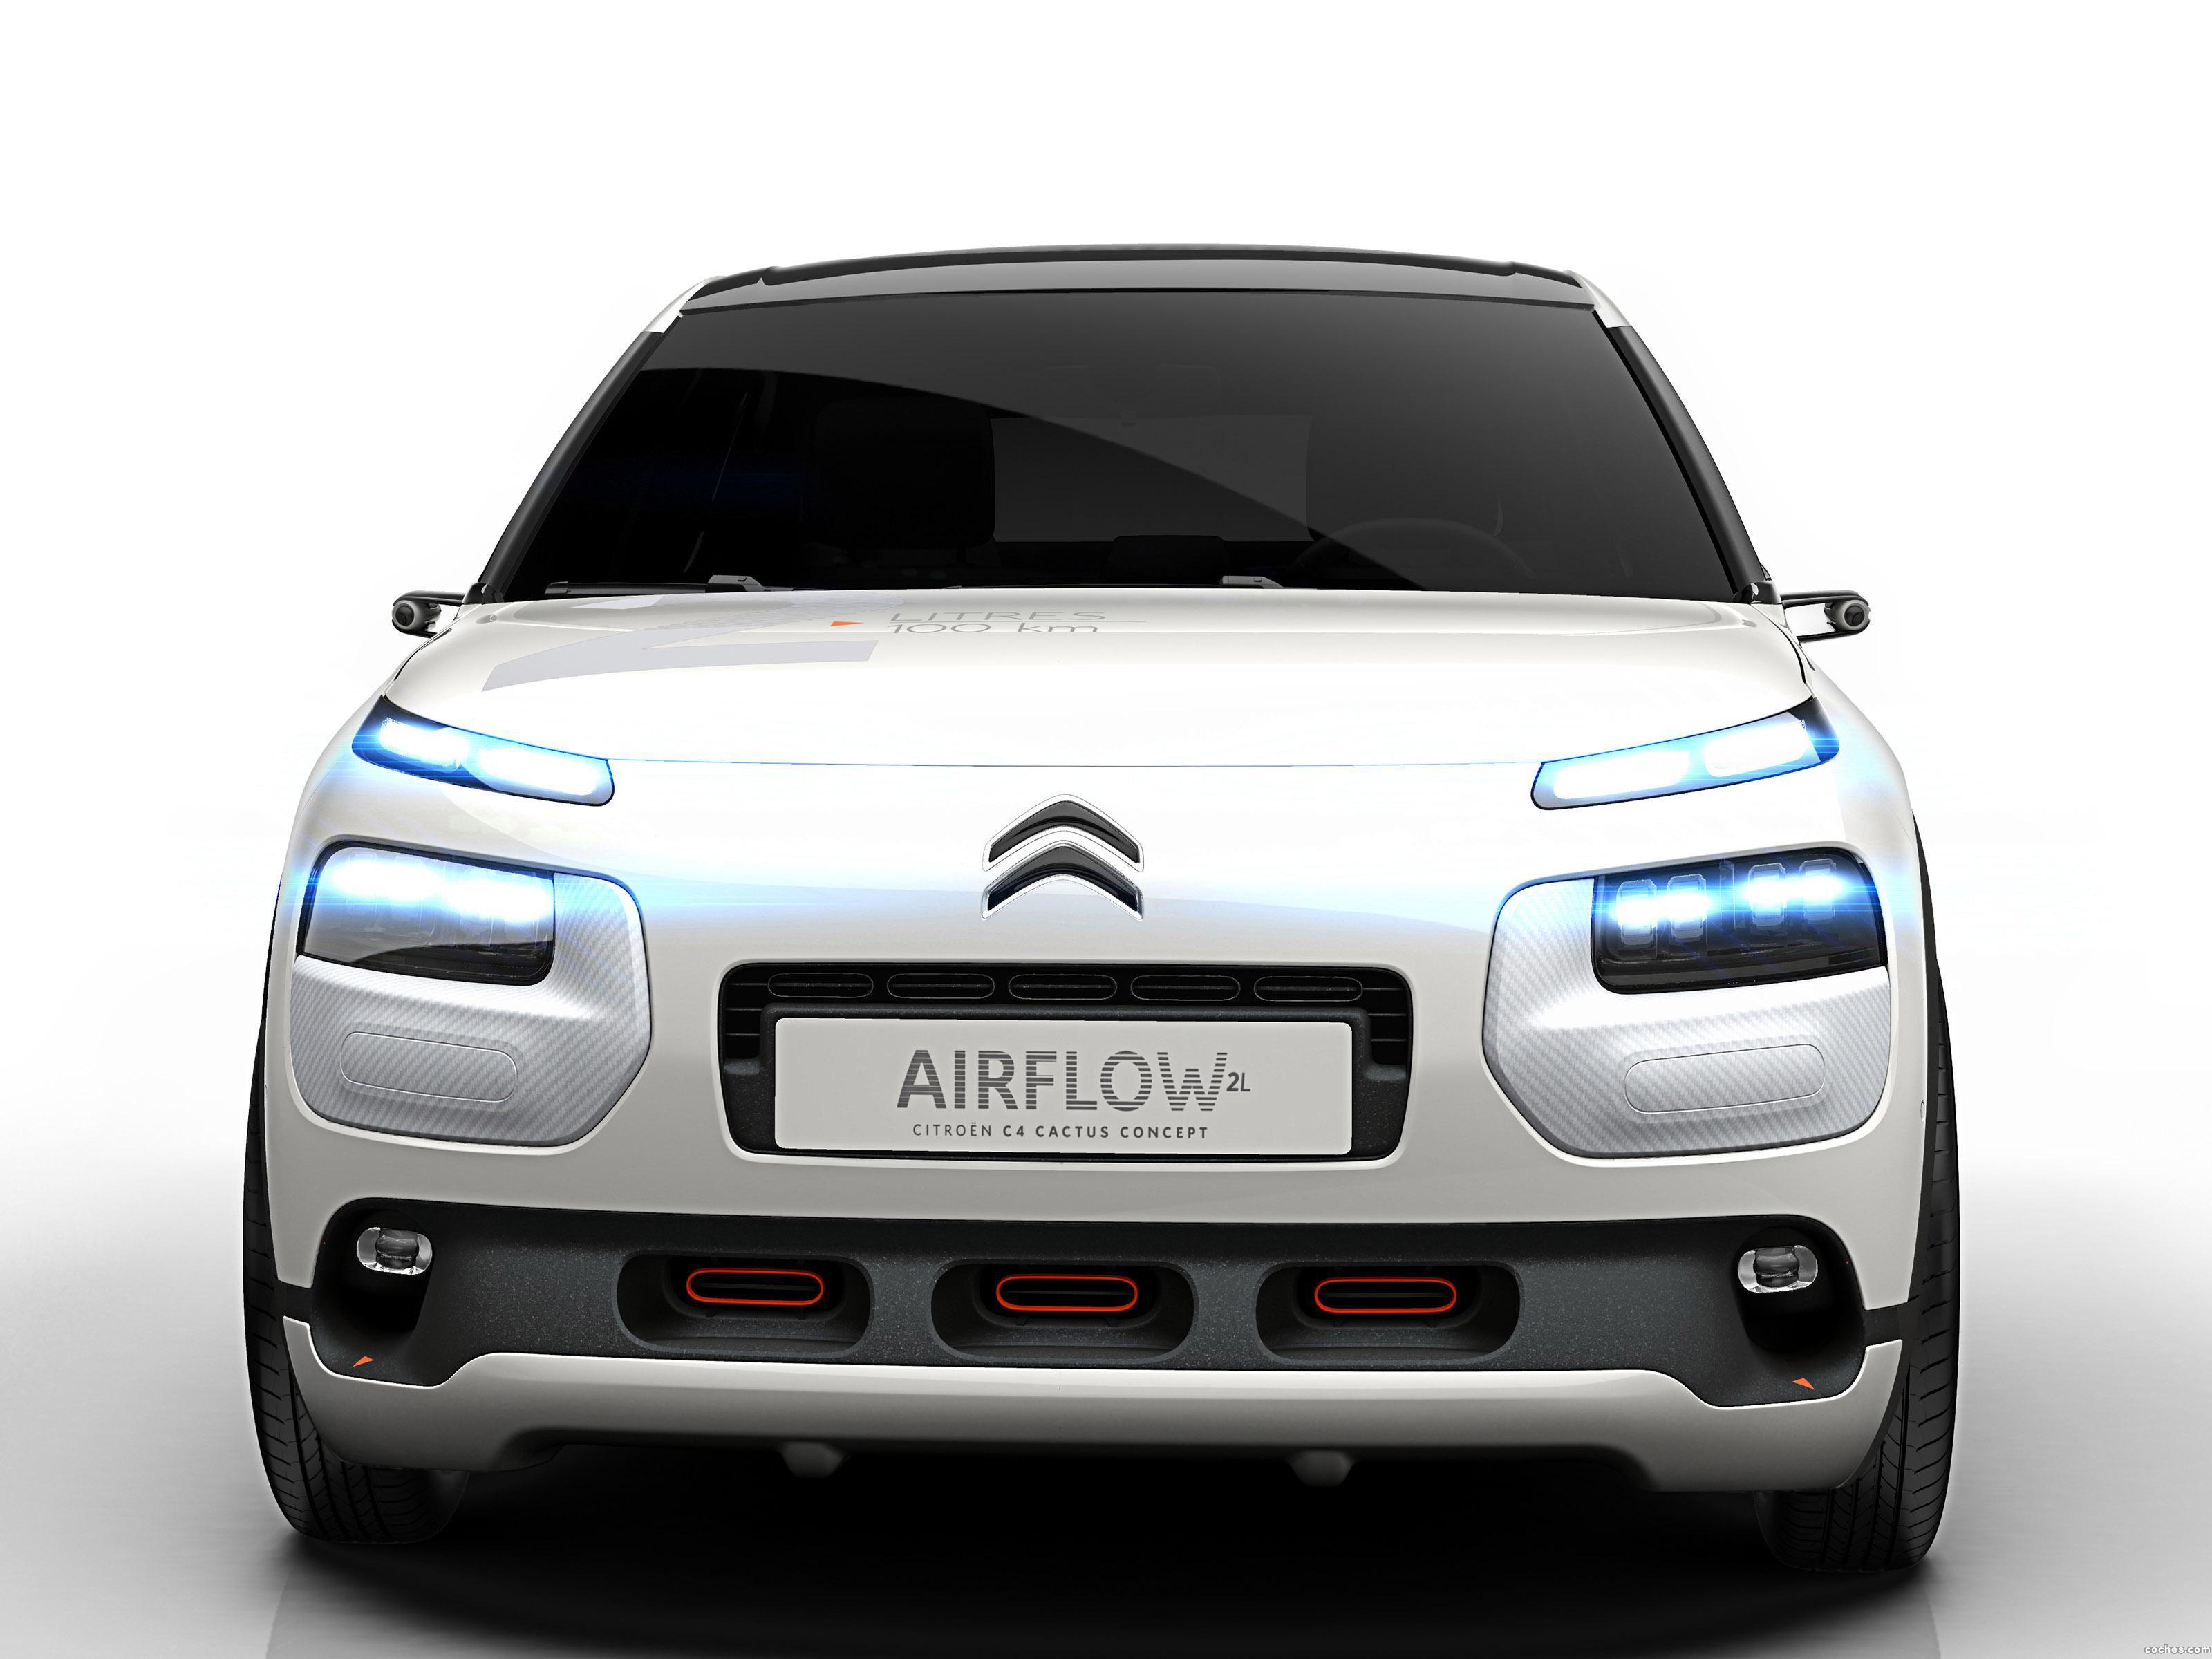 Foto 0 de Citroen C4 Cactus Airflow 2L Concept 2014